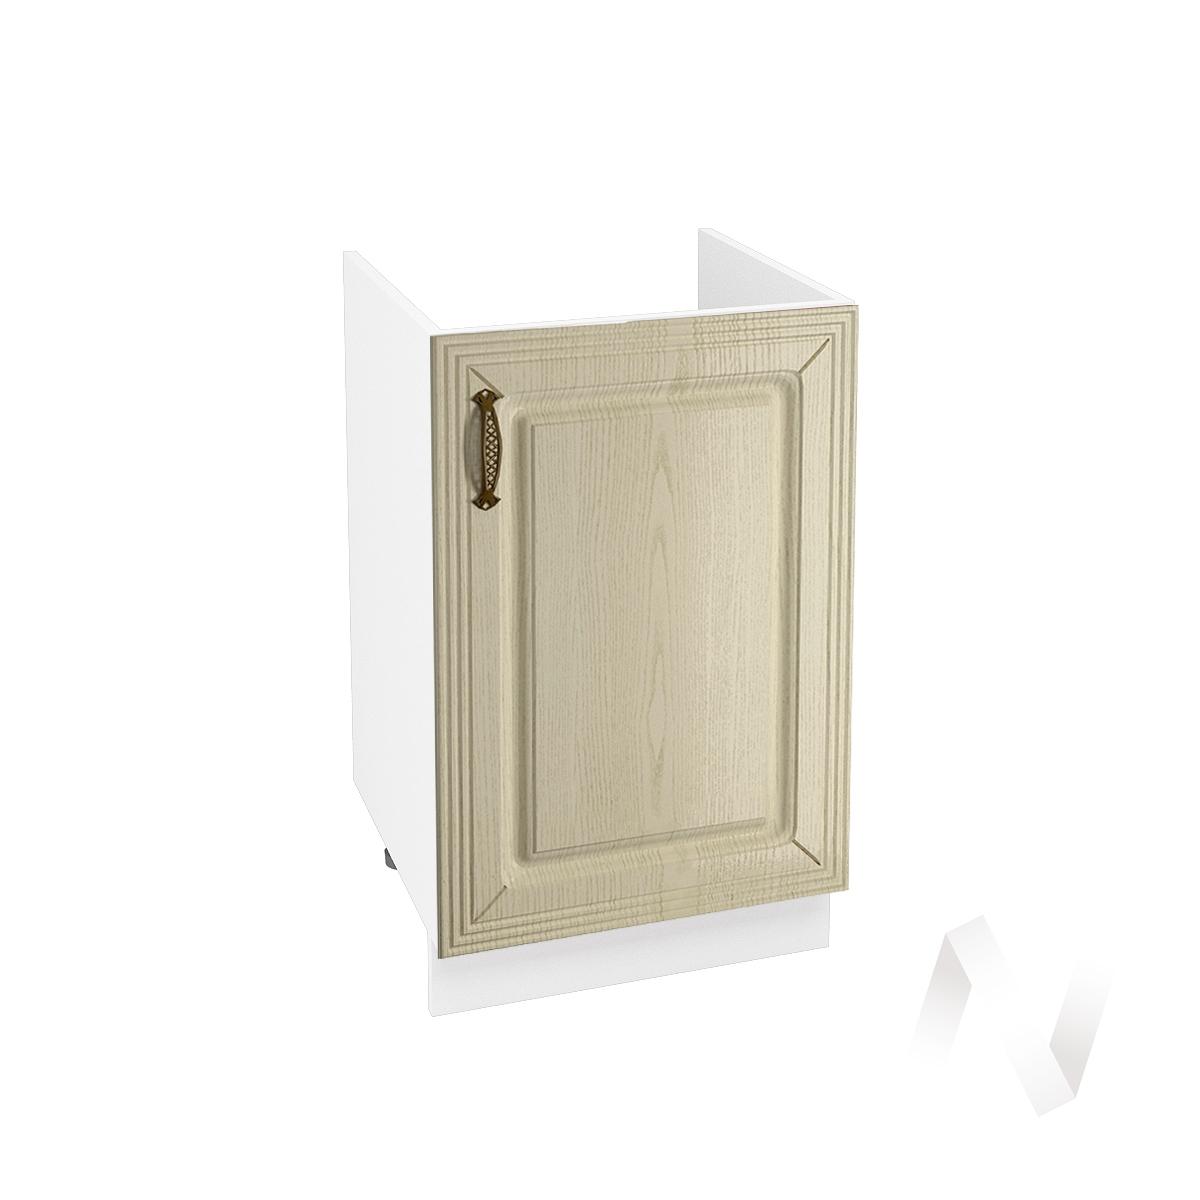 """Кухня """"Изабель"""": Шкаф нижний под мойку 500, ШНМ 500 (корпус белый)"""